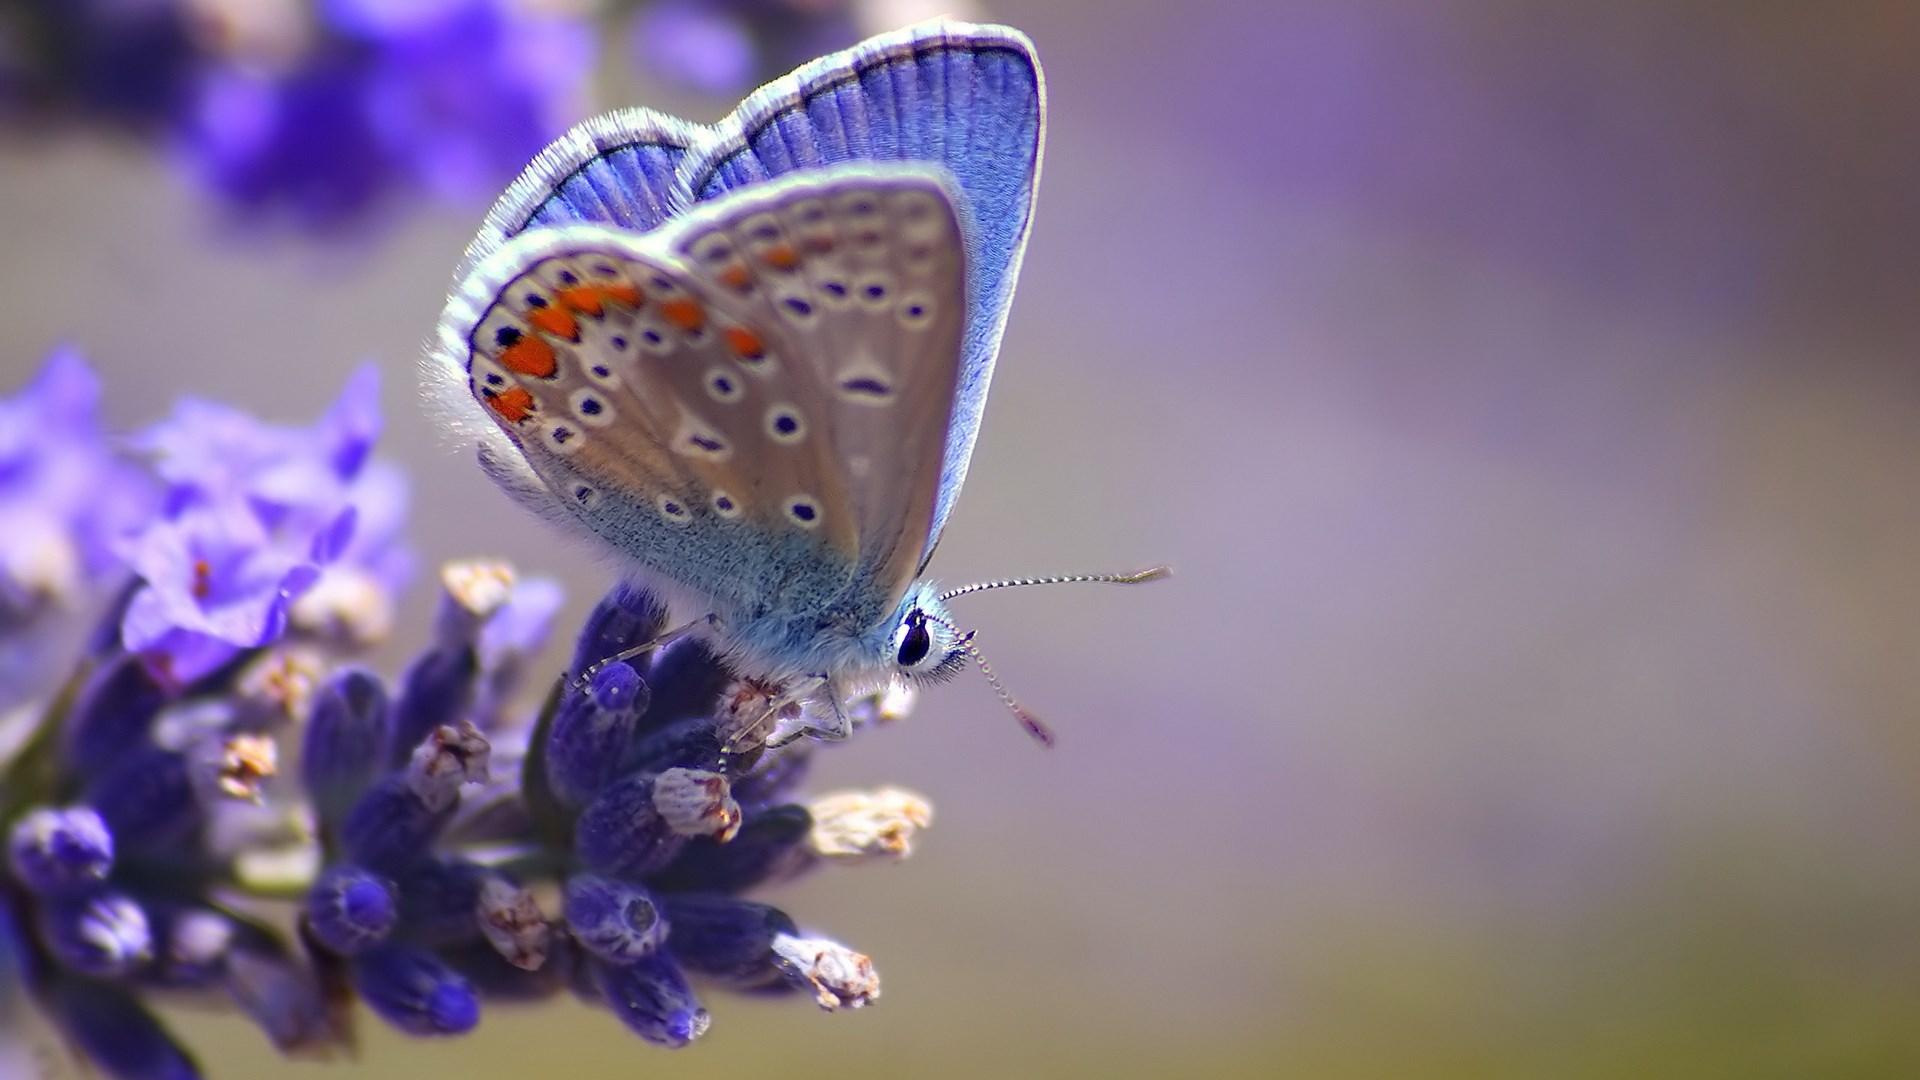 butterfly flowers wallpaper